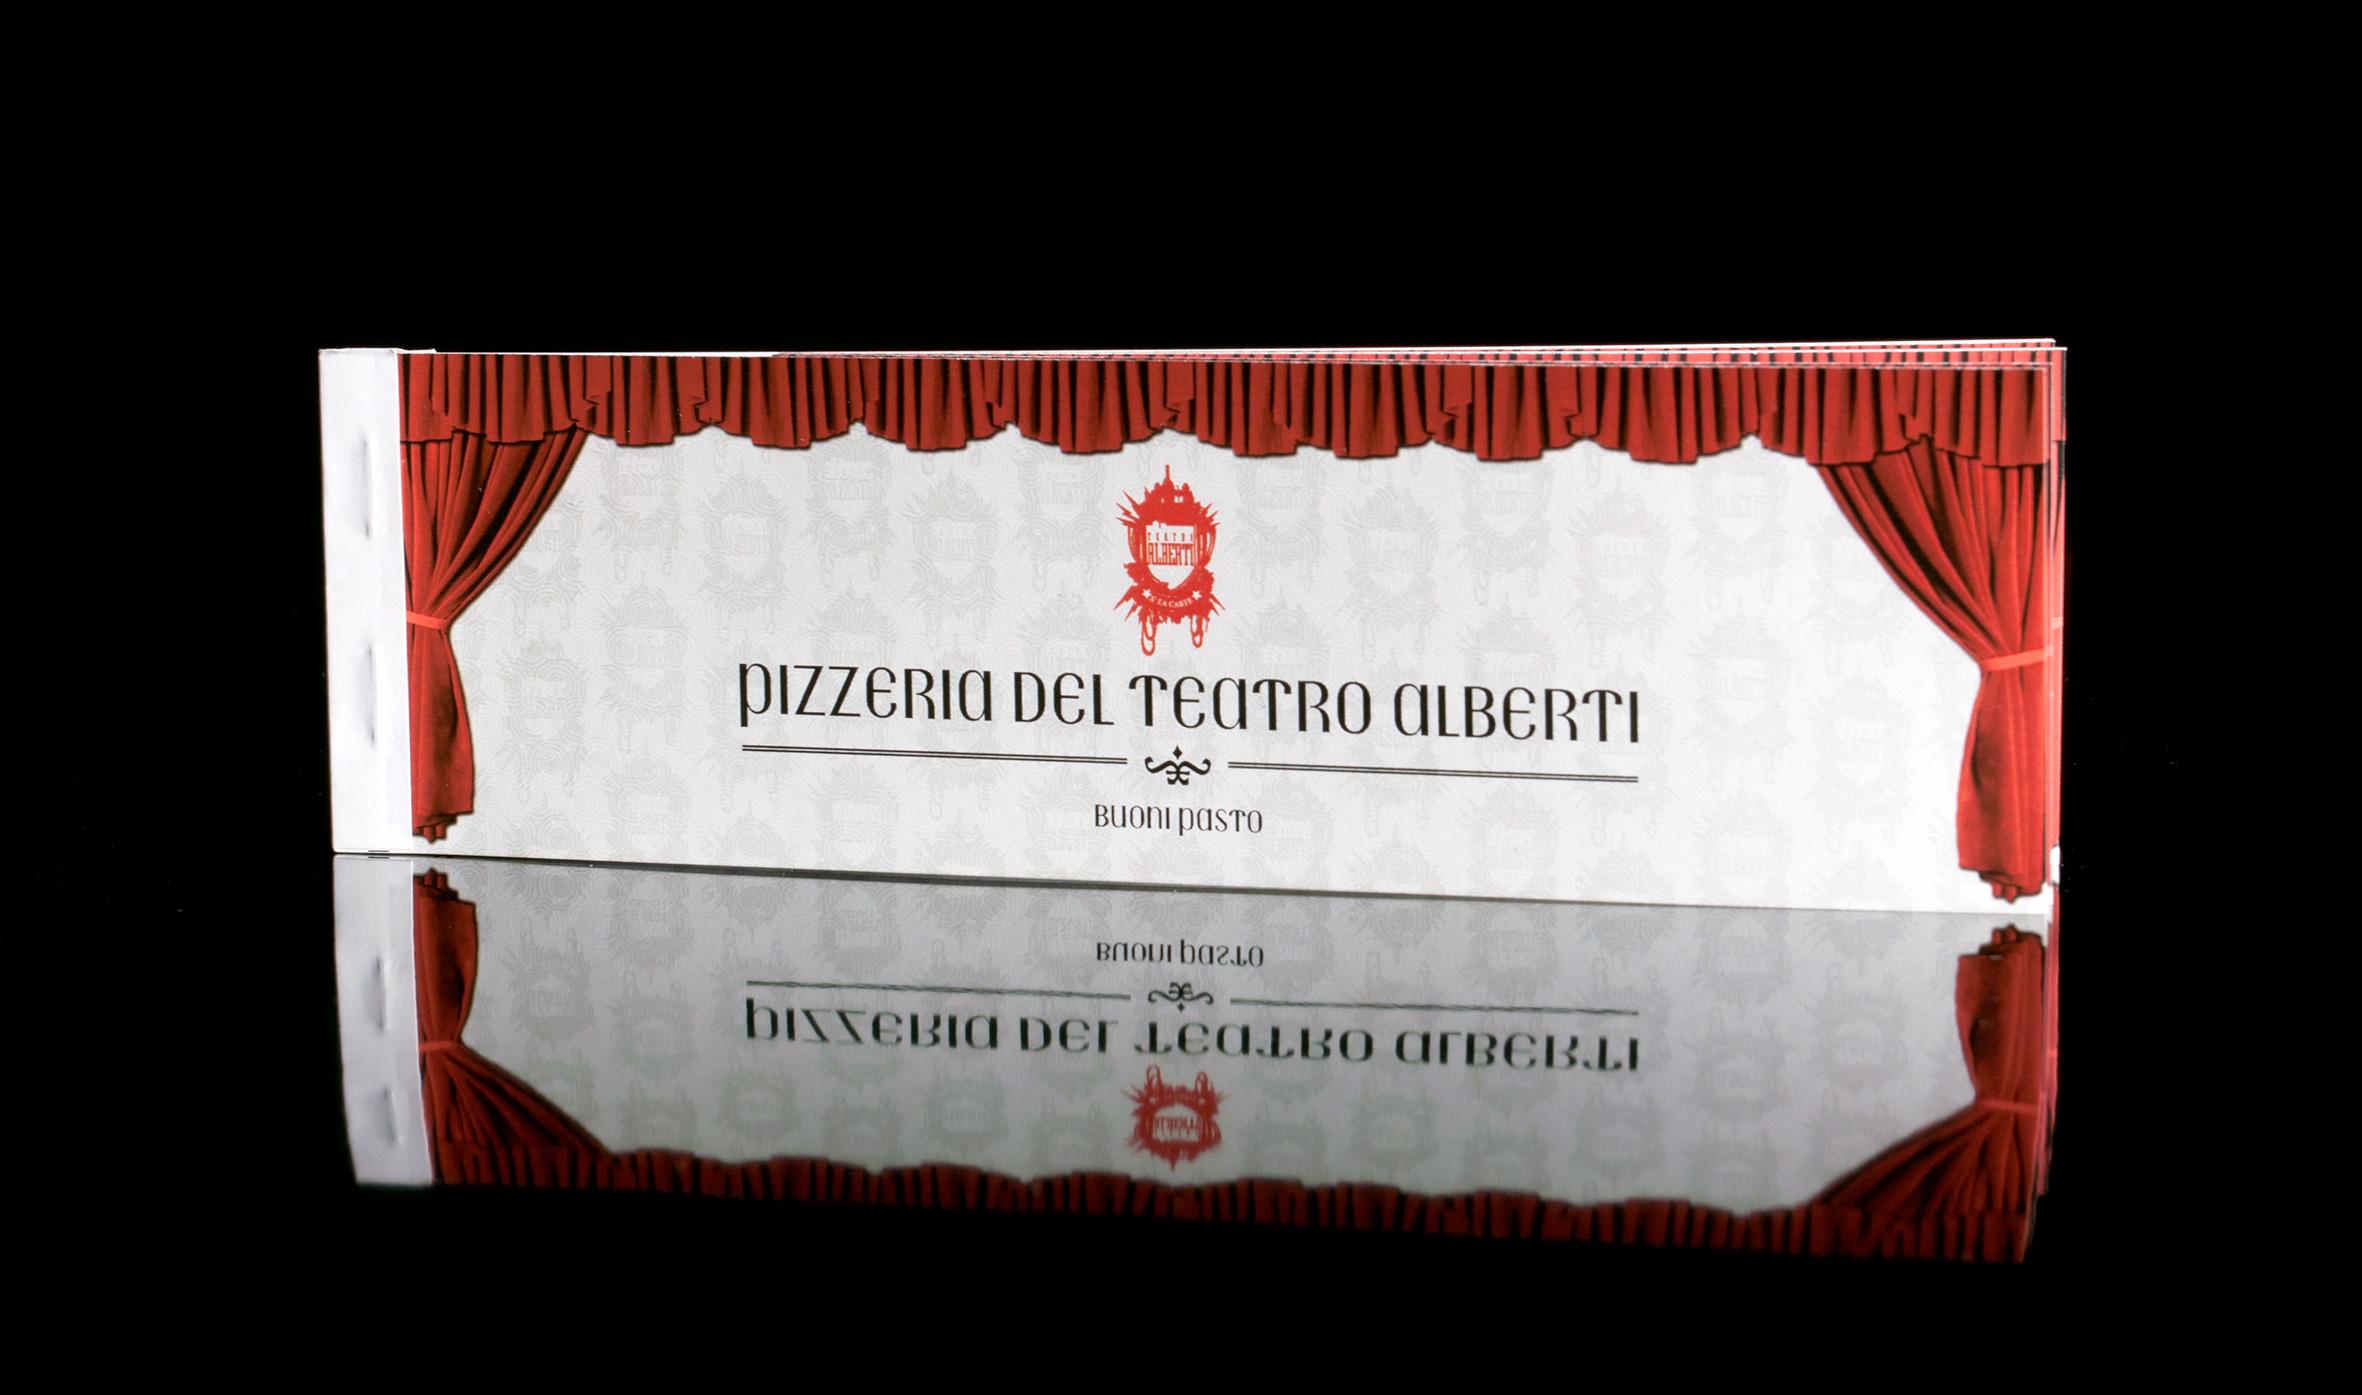 Voucher Pizzeria Teatro Alberti